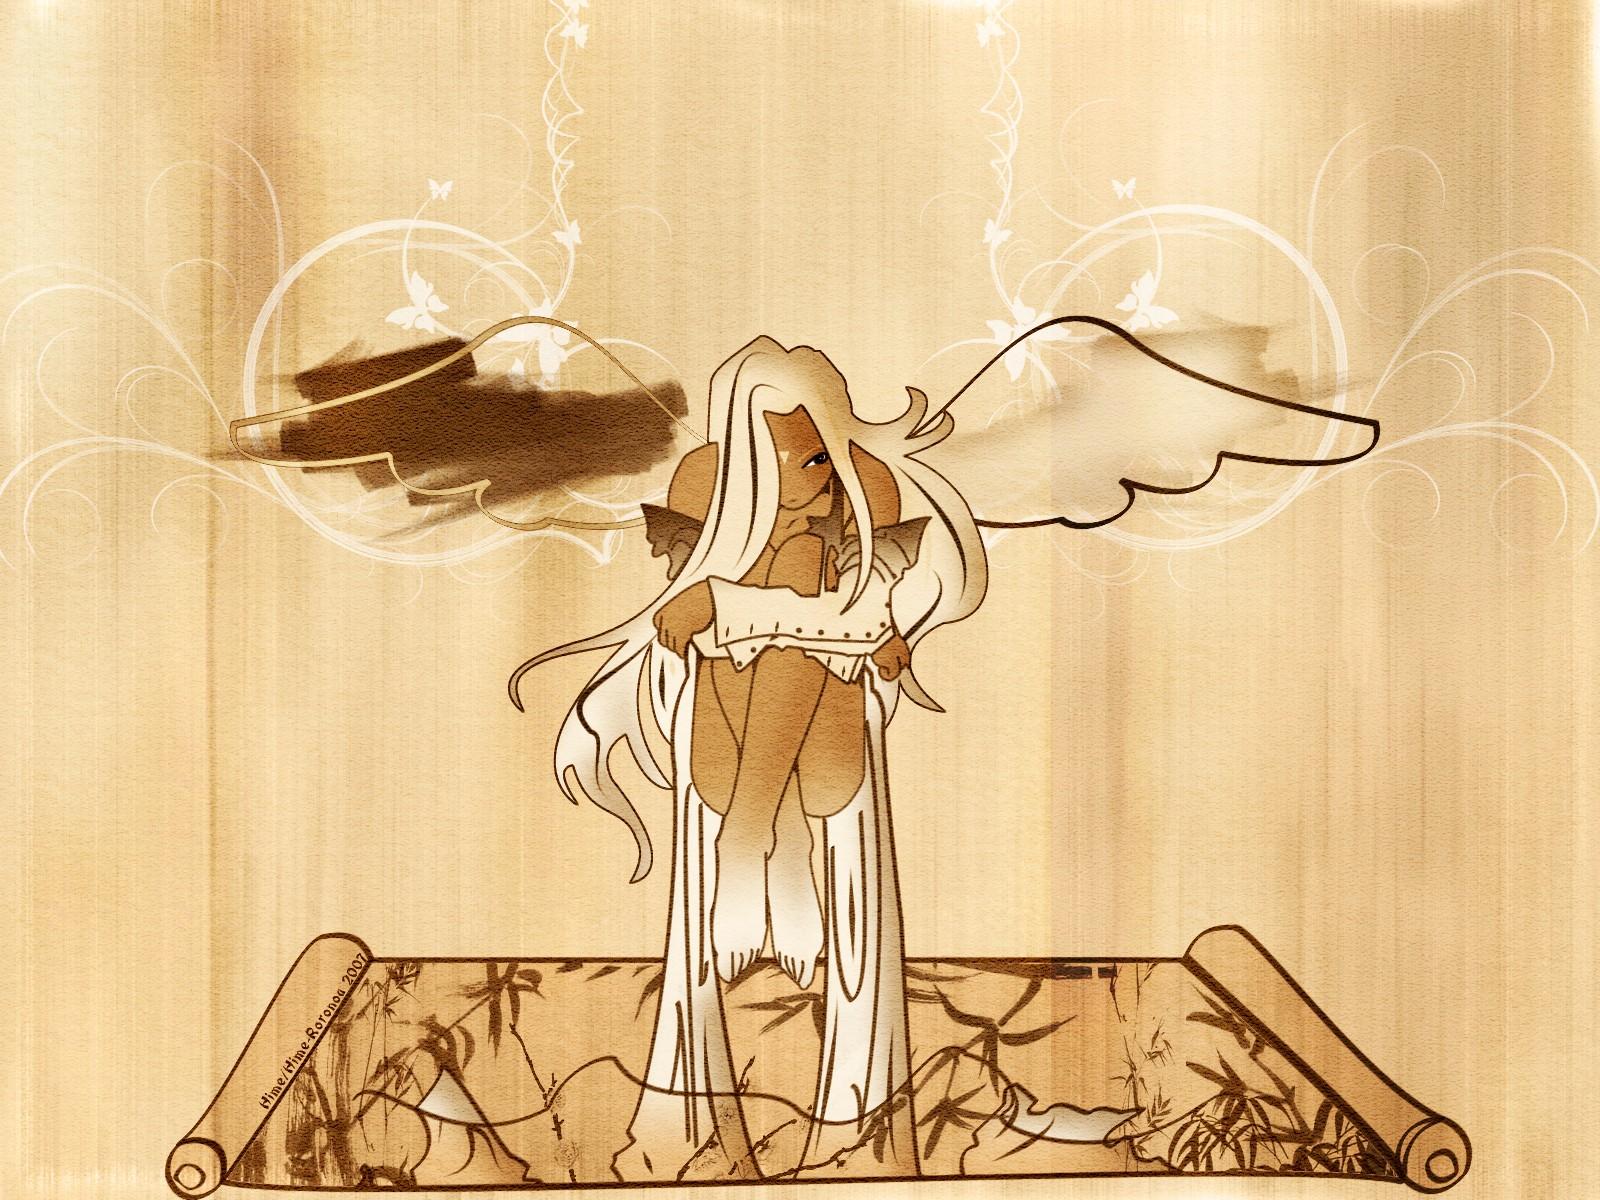 aa_megami-sama urd wings